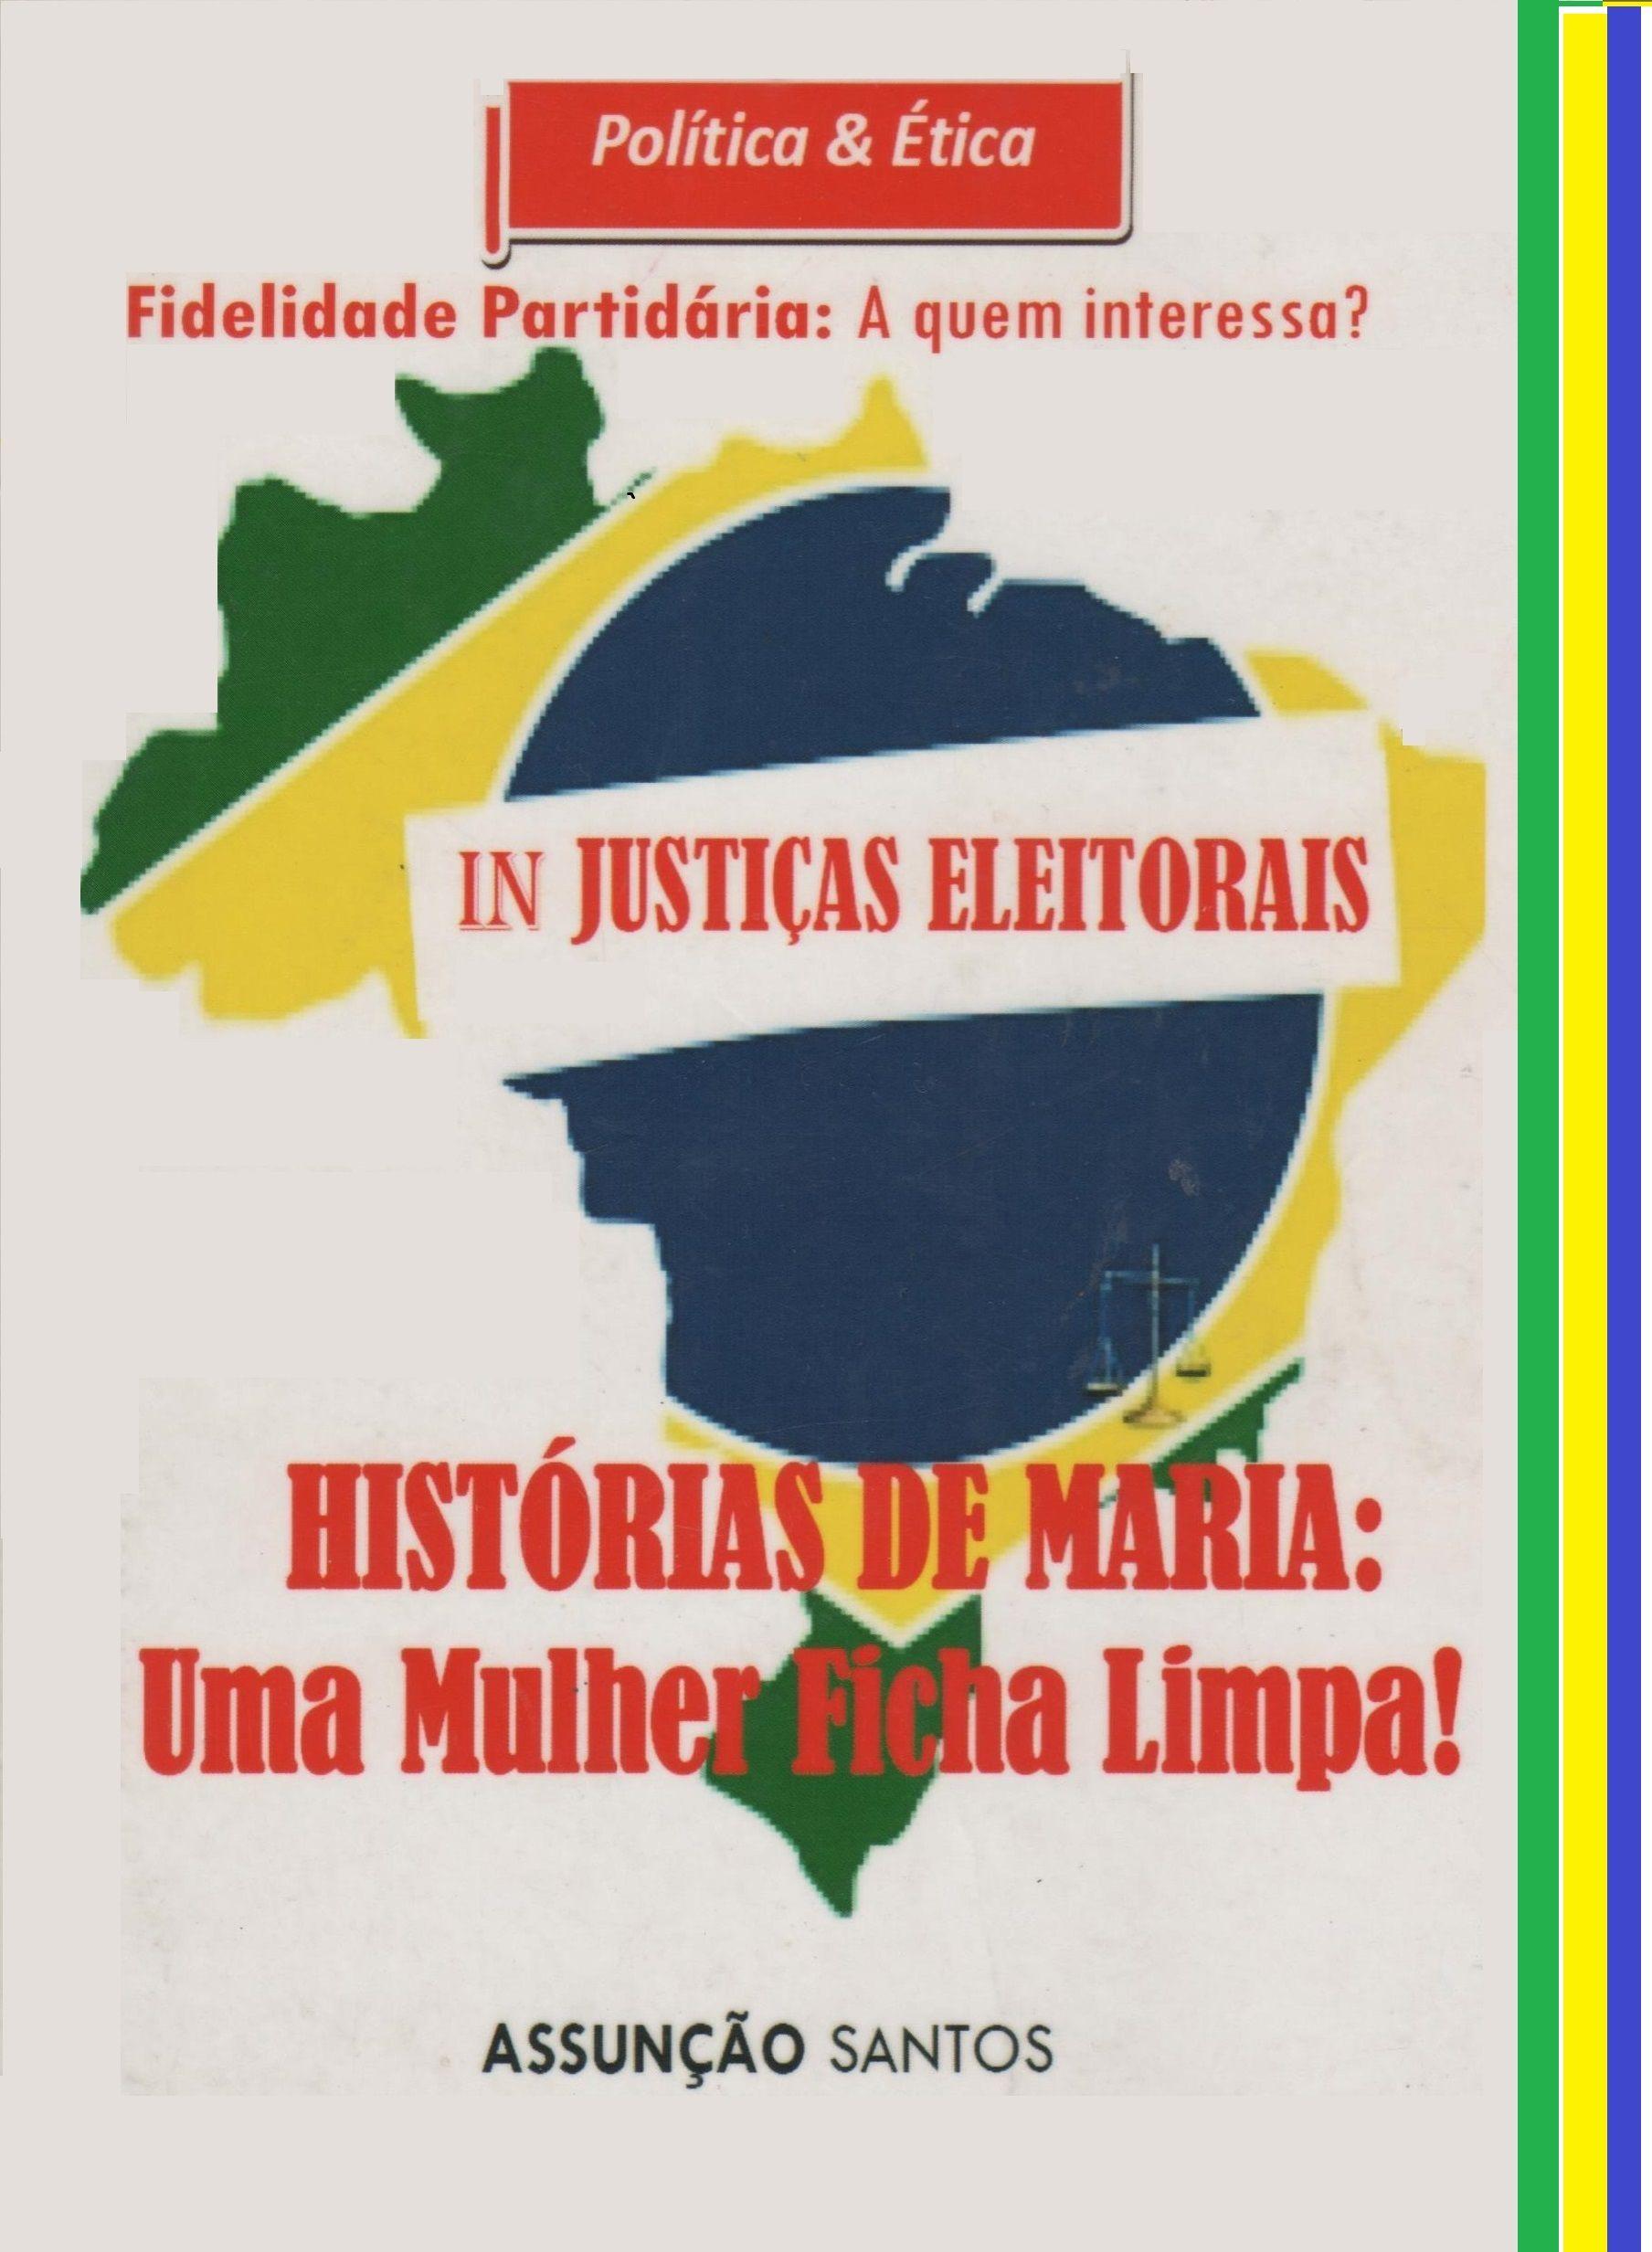 Injustiças Eleitorais - Histórias de Maria, uma Mulher Ficha Limpa!